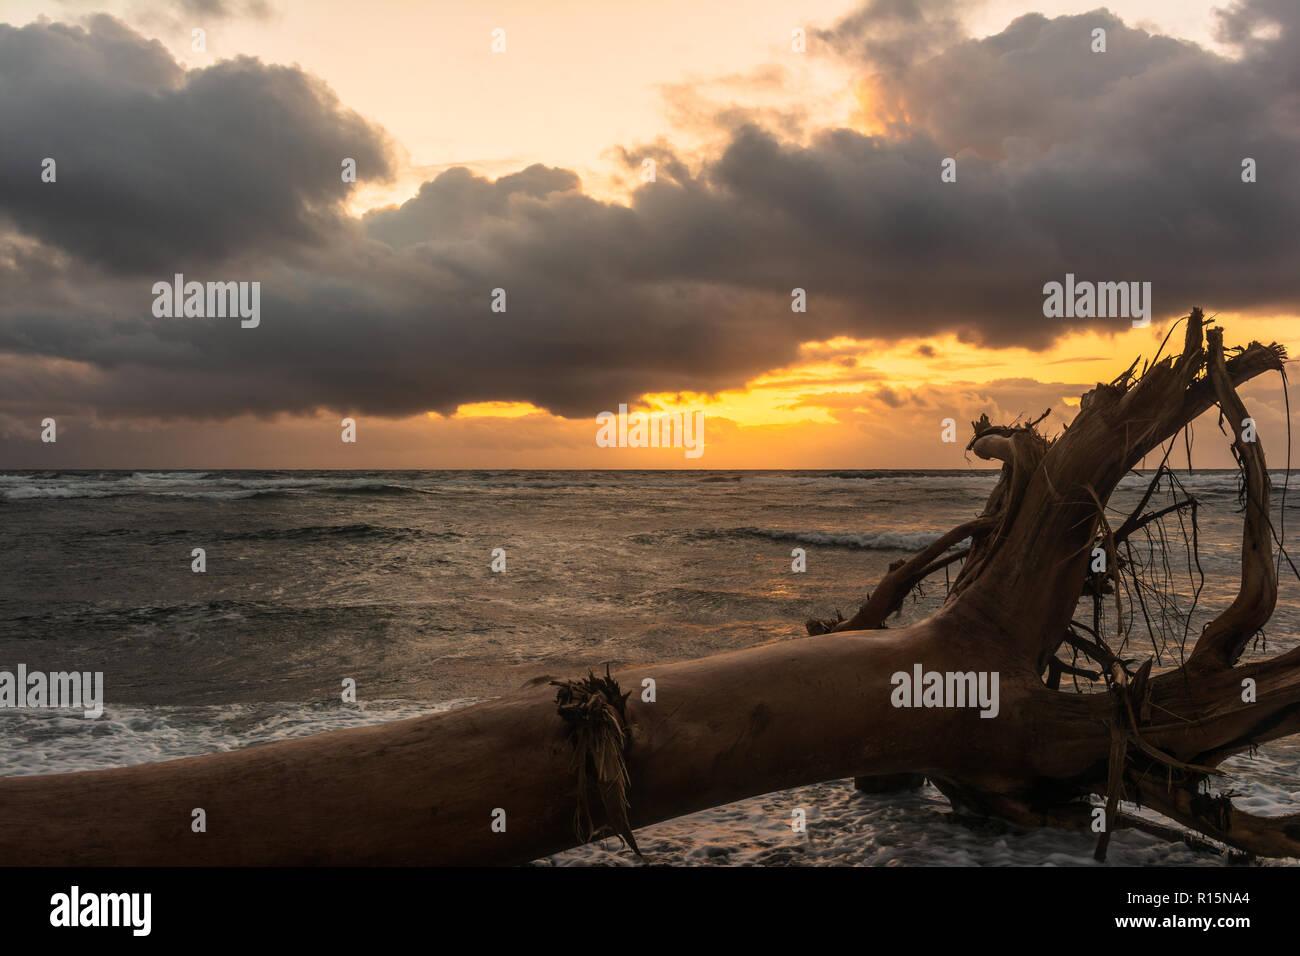 Árbol muerto en la playa al amanecer en Waipouli Costa, Kauai, Hawai Foto de stock